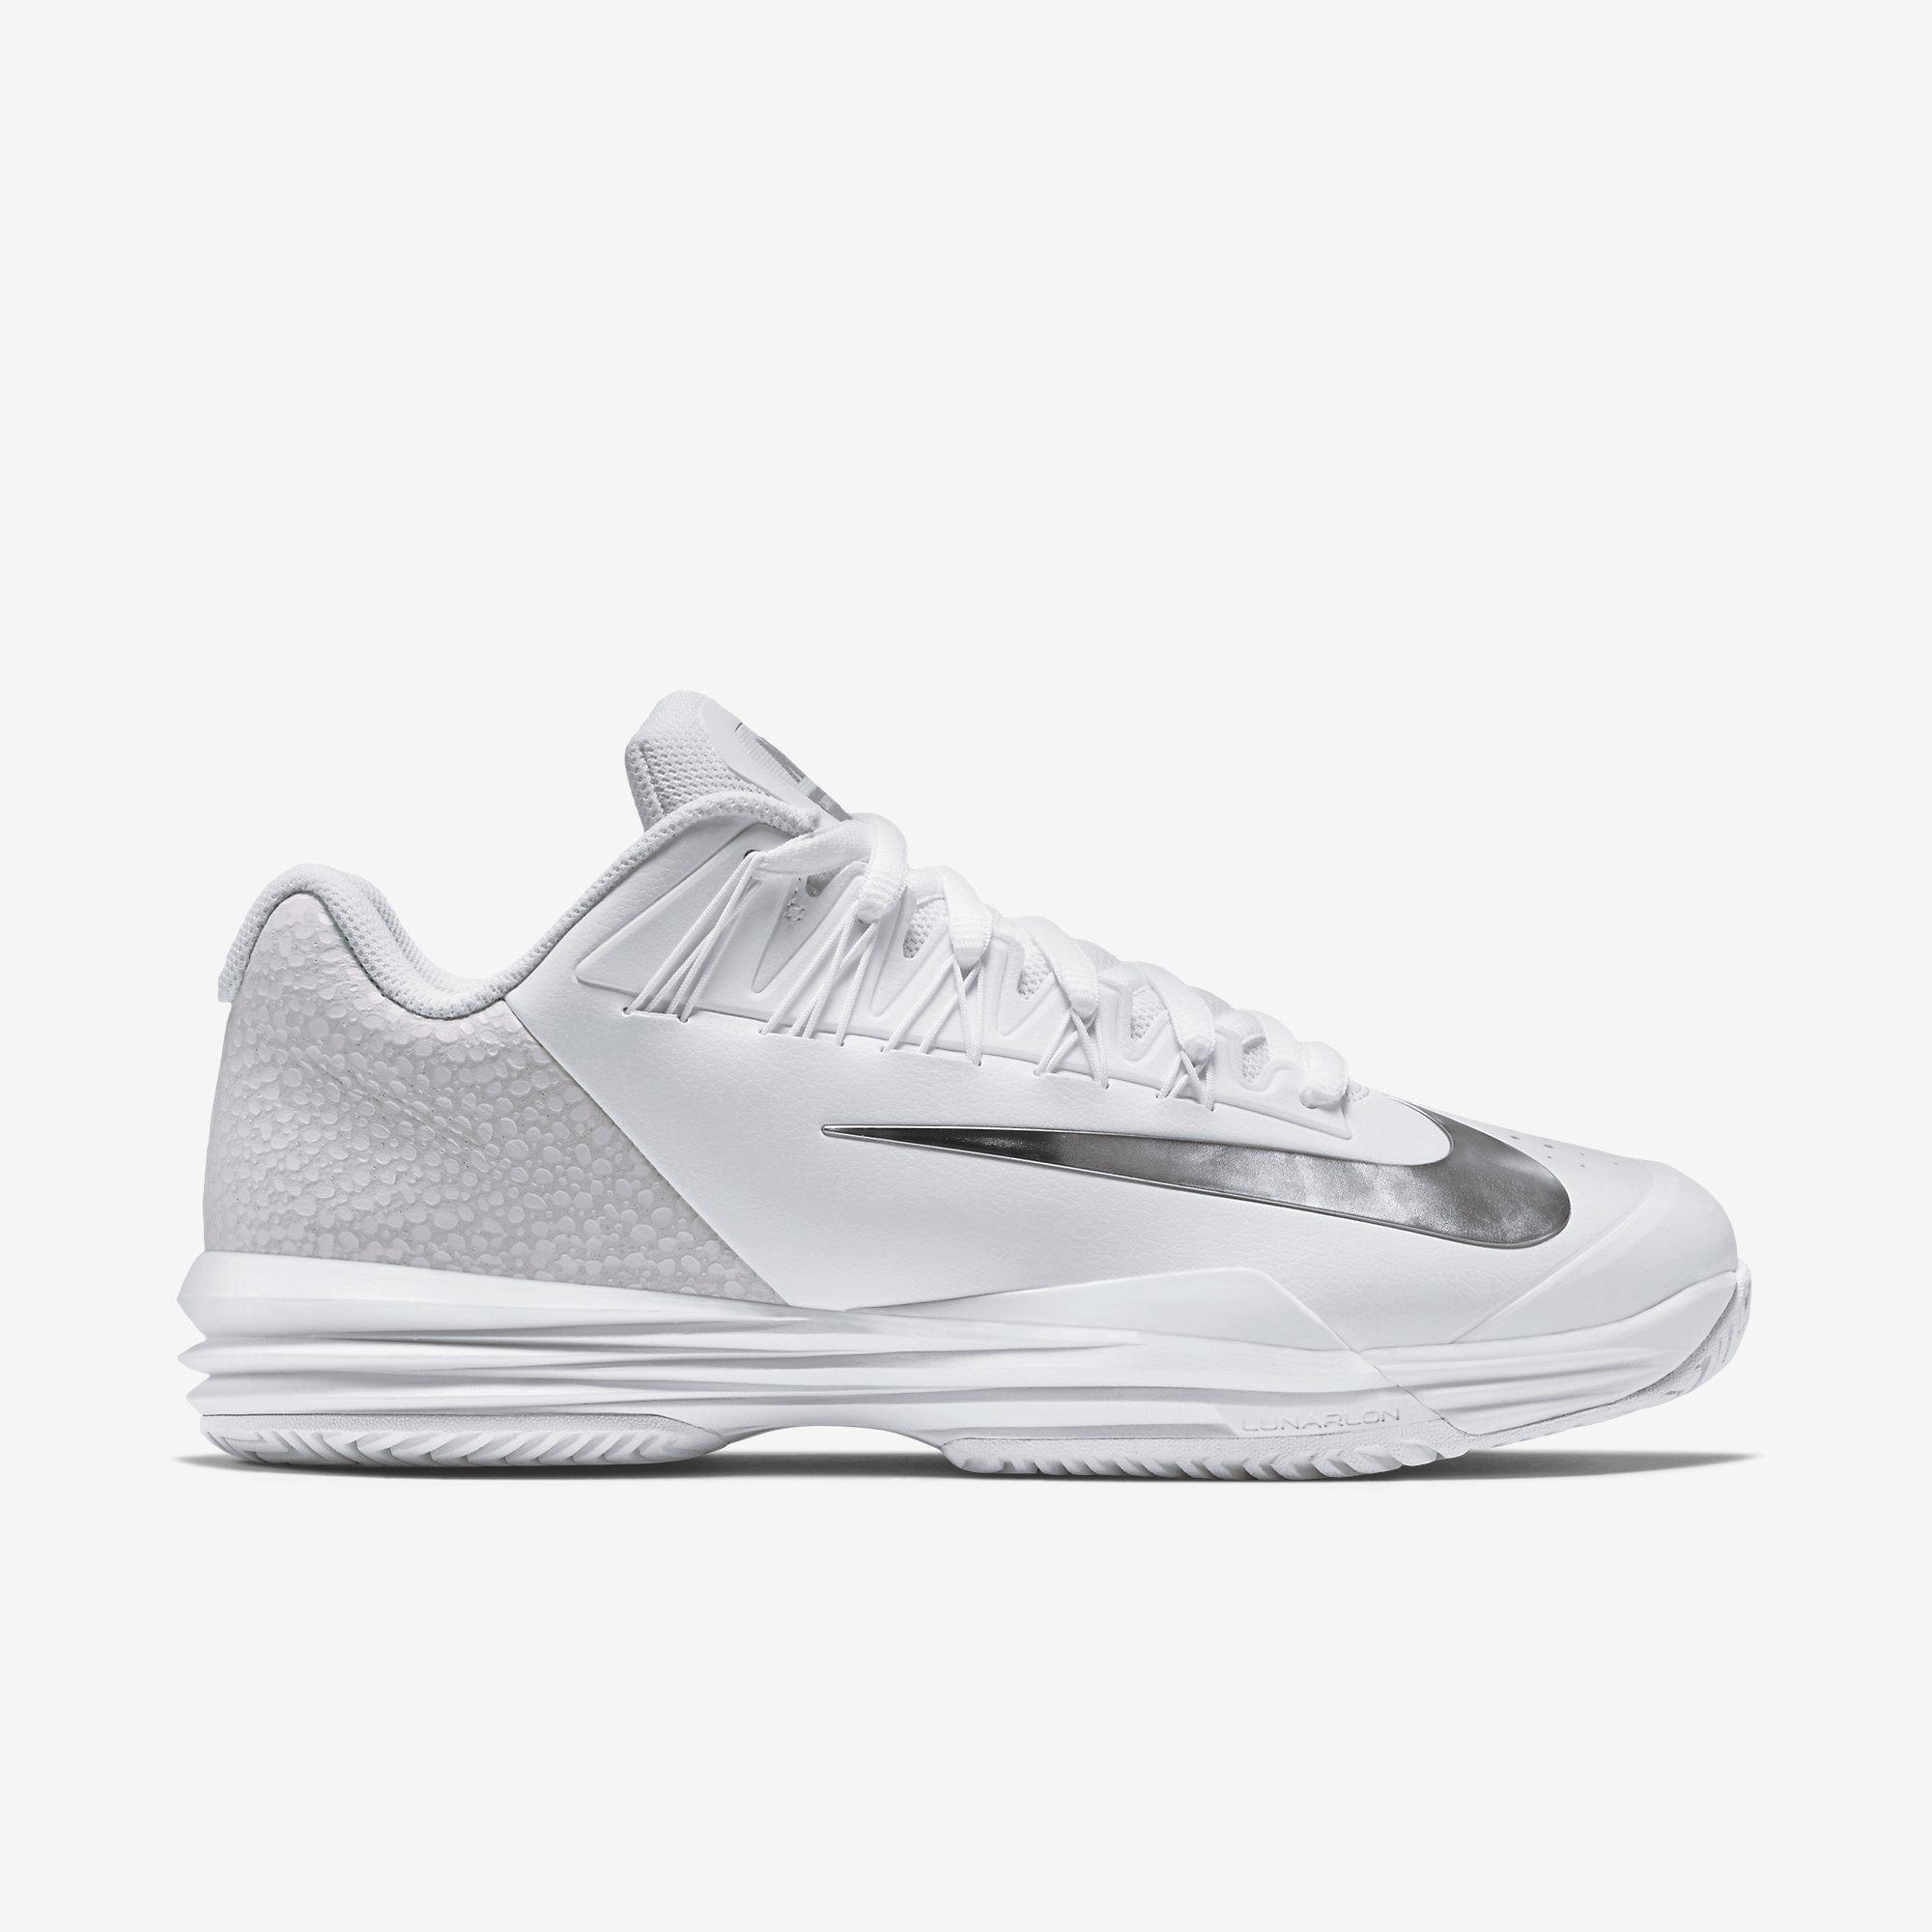 Nike Mens Lunar Ballistec 1.5 Safari Tennis Shoes - White [Limited Edition]